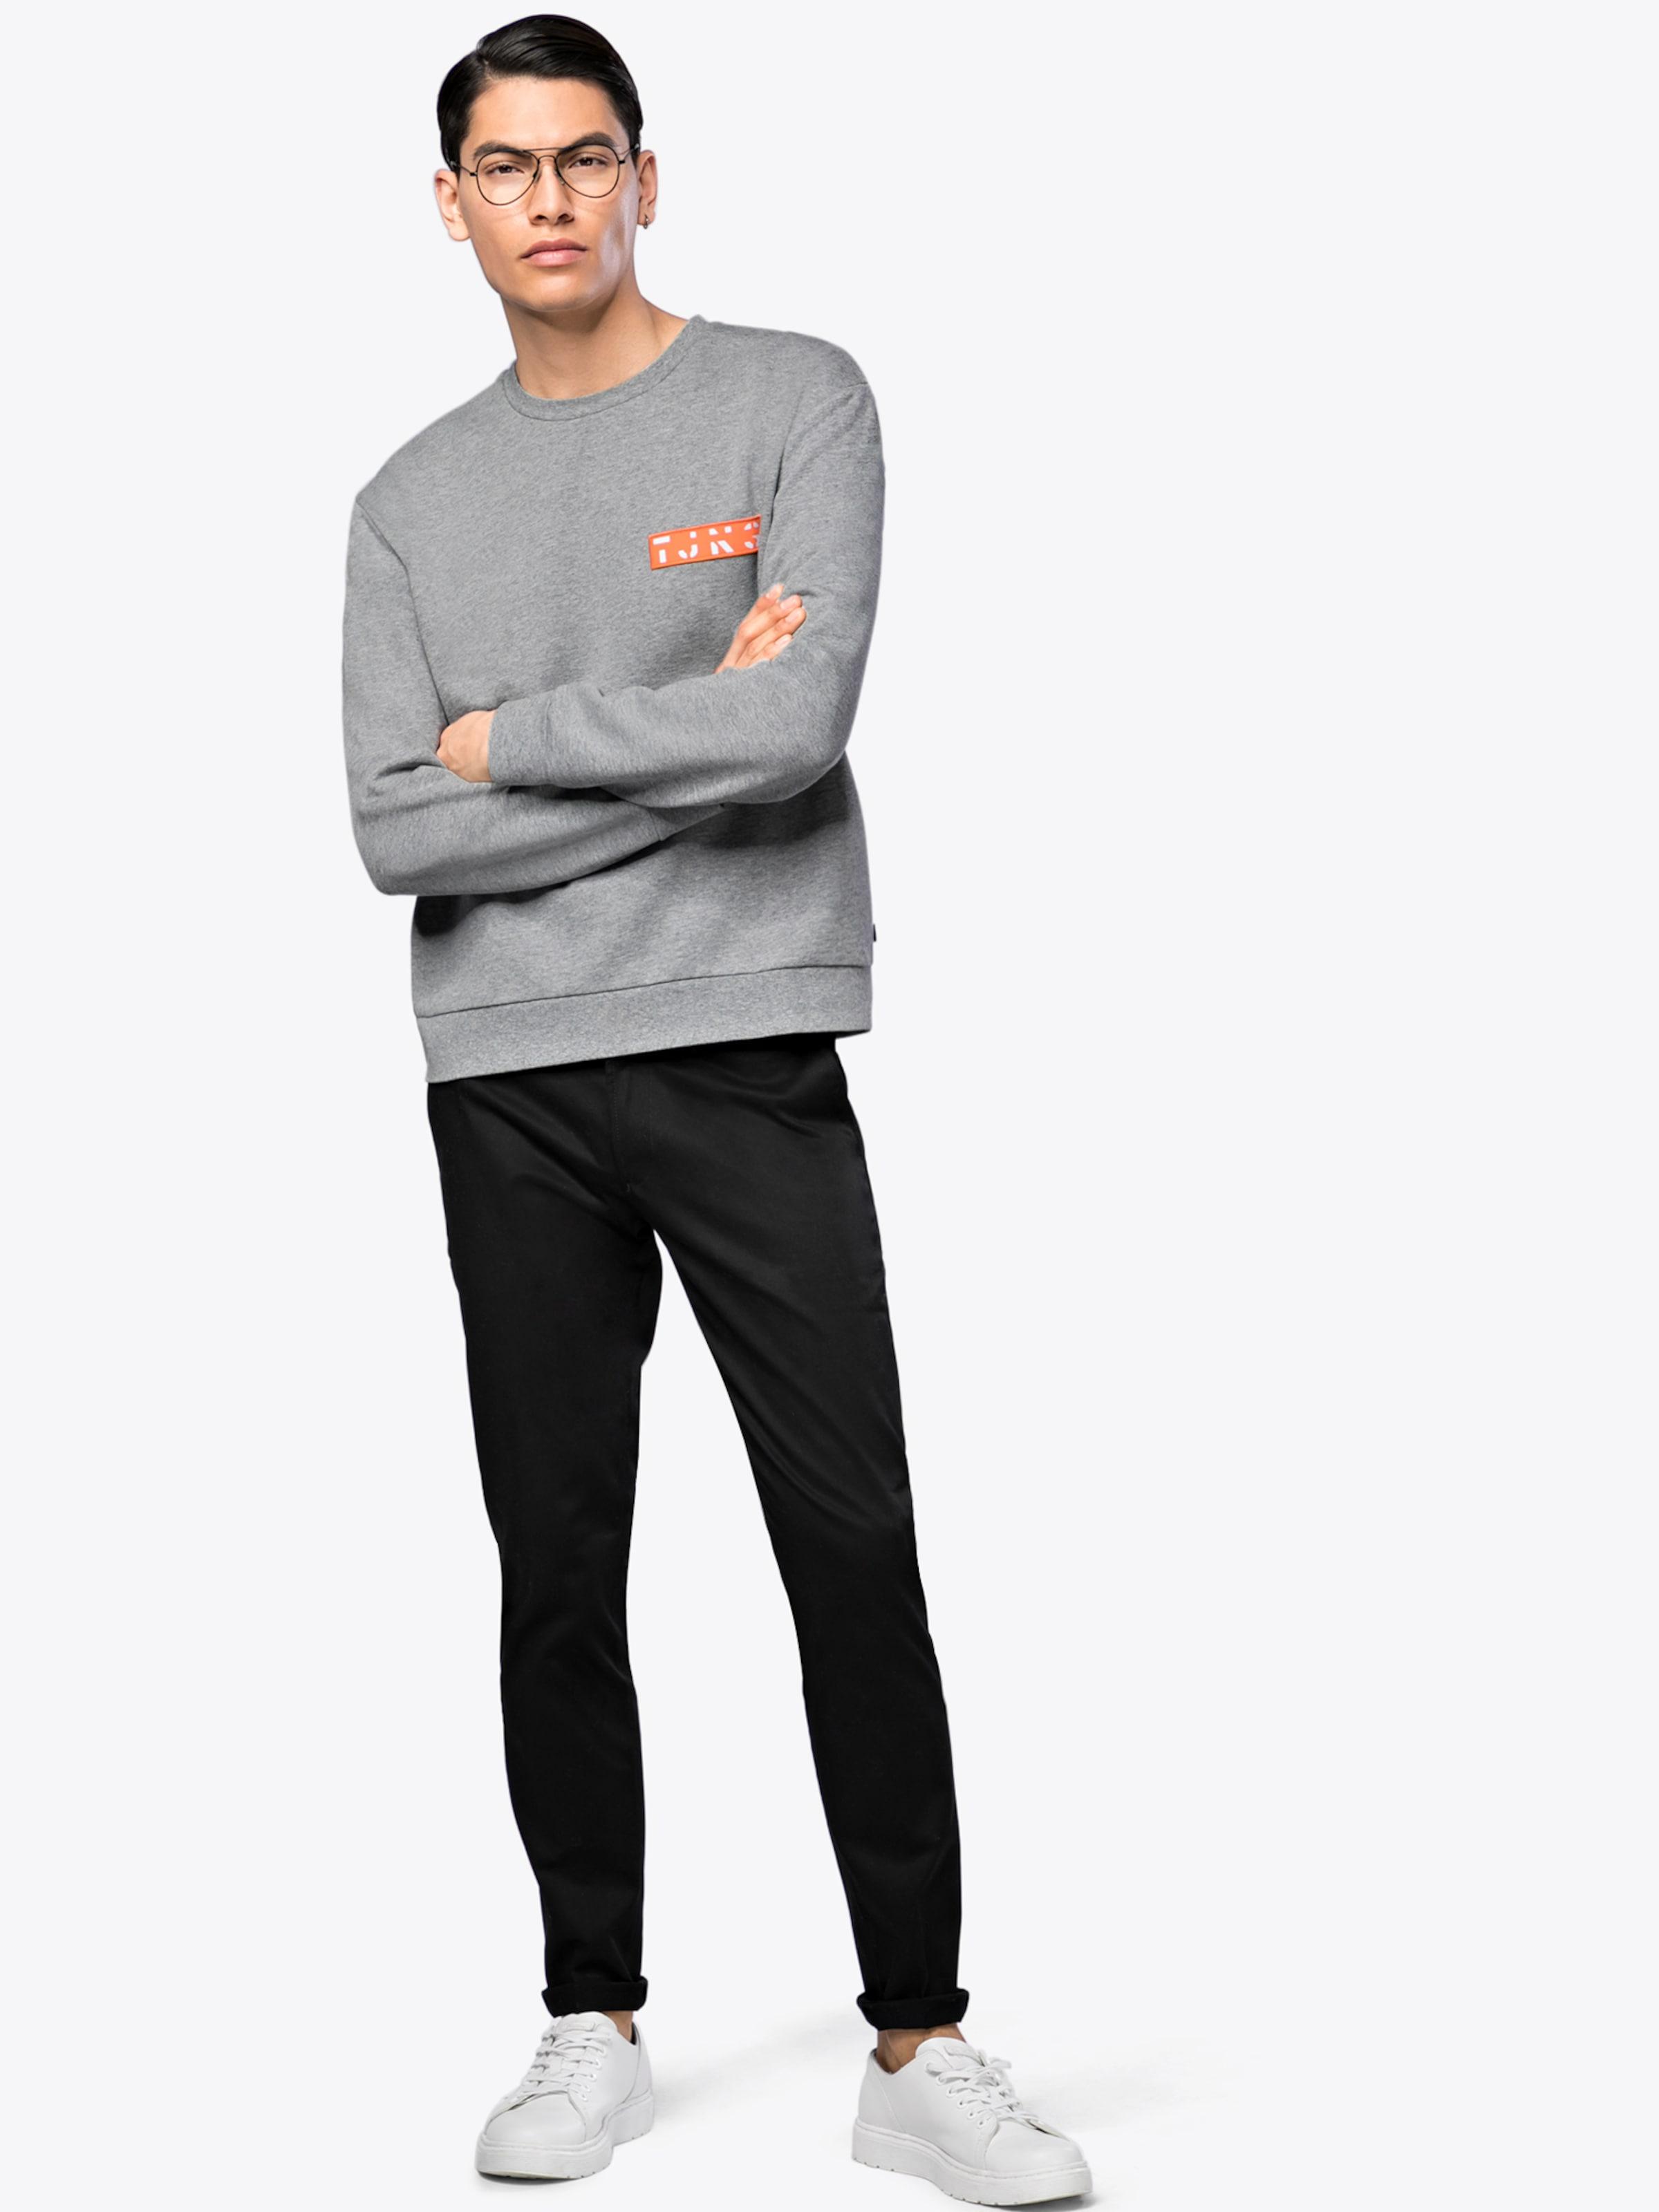 Tiger of Sweden Sweatshirt 'BUZZ PR' Freies Verschiffen Große Auswahl An Preise Und Verfügbarkeit Für Verkauf Schnelle Lieferung Verkauf Online rTeoB0J